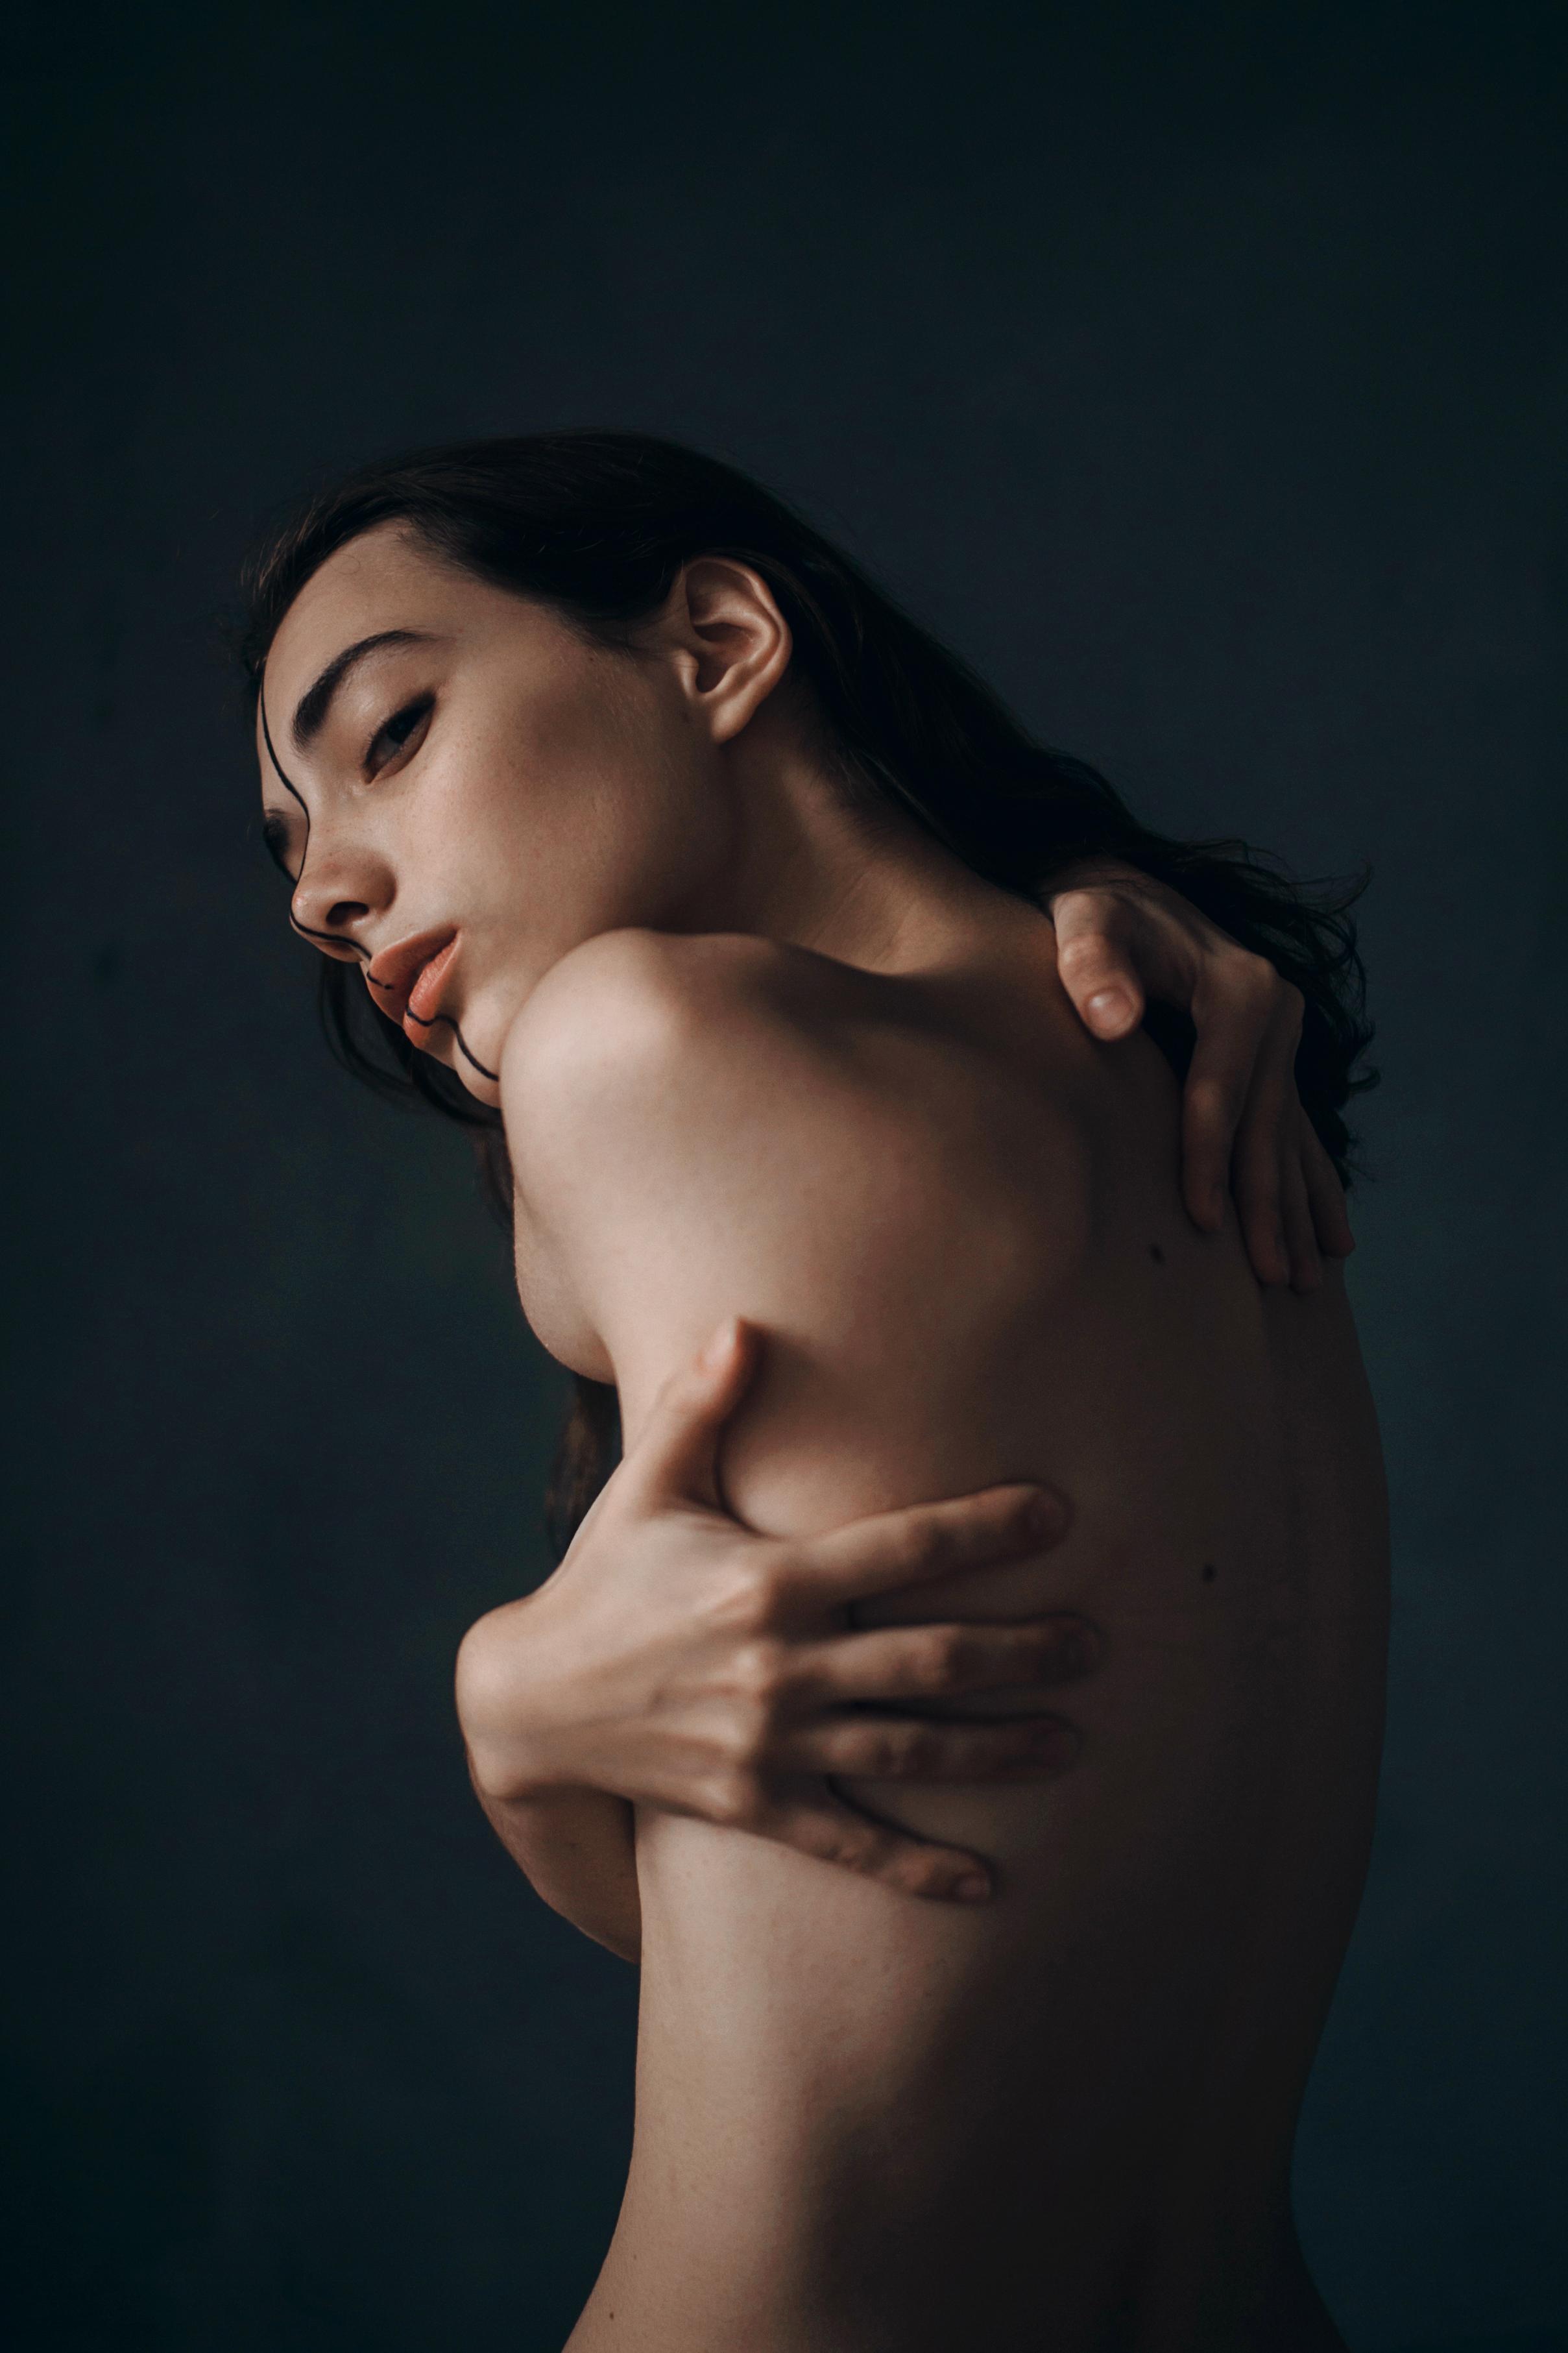 zdarma hot anální sex obrázky